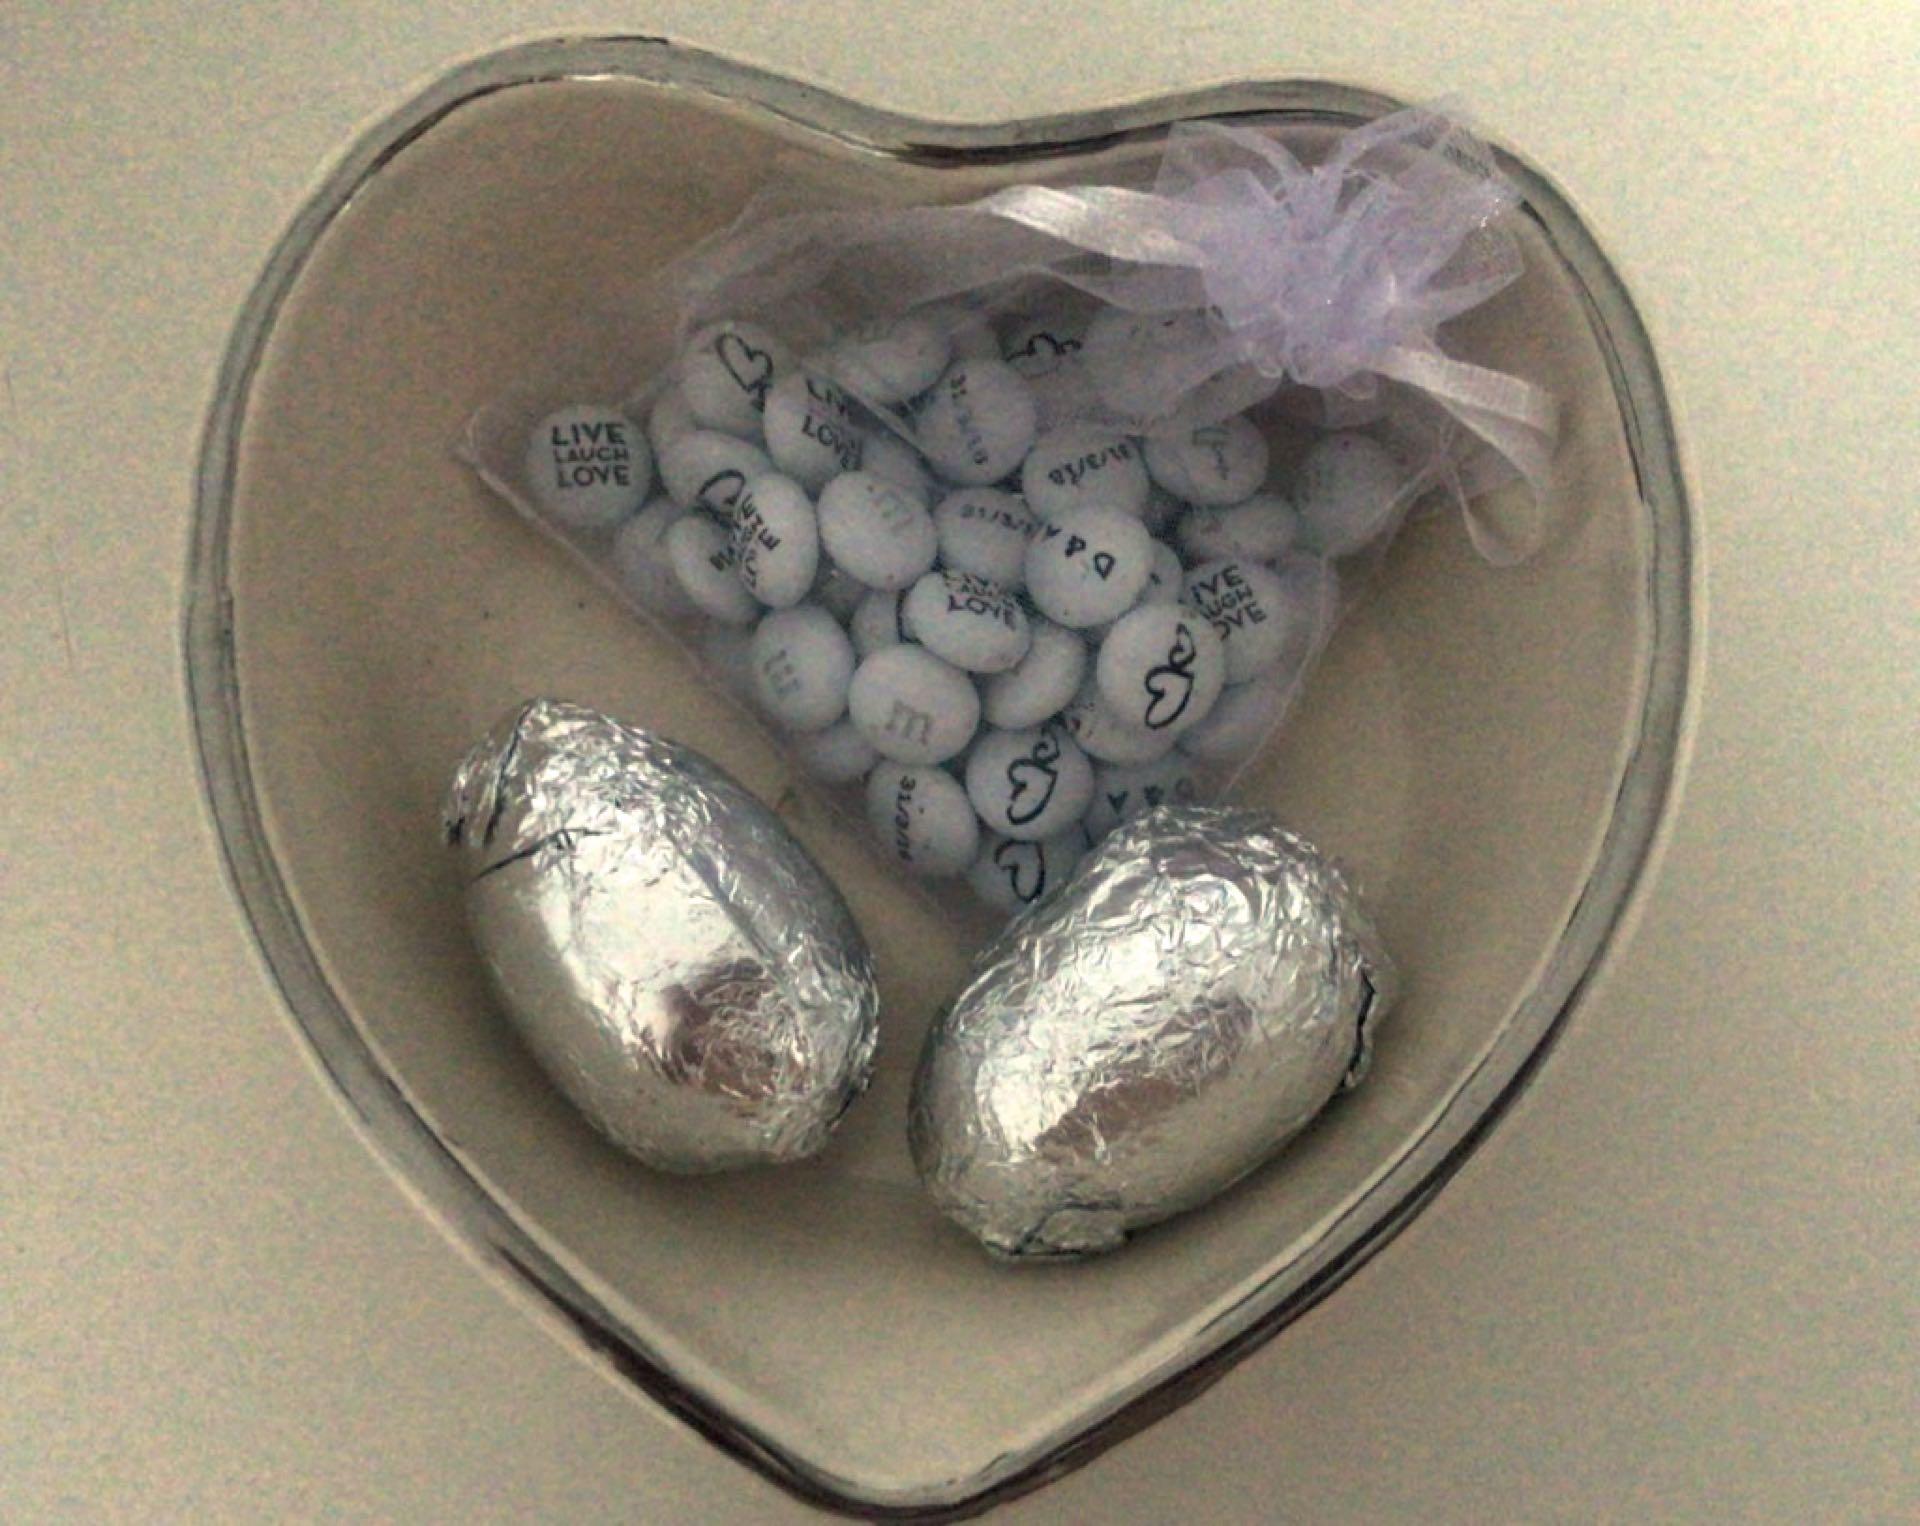 De la mano de Nicolás Pottery (su profesor de alfarería desde hace más de un año), Dalma realizó, uno por uno, los casi 300 cuencos con forma de corazón que se entregaron como souvenirs de la boda, con confites y huevos de Pascua en el interior.